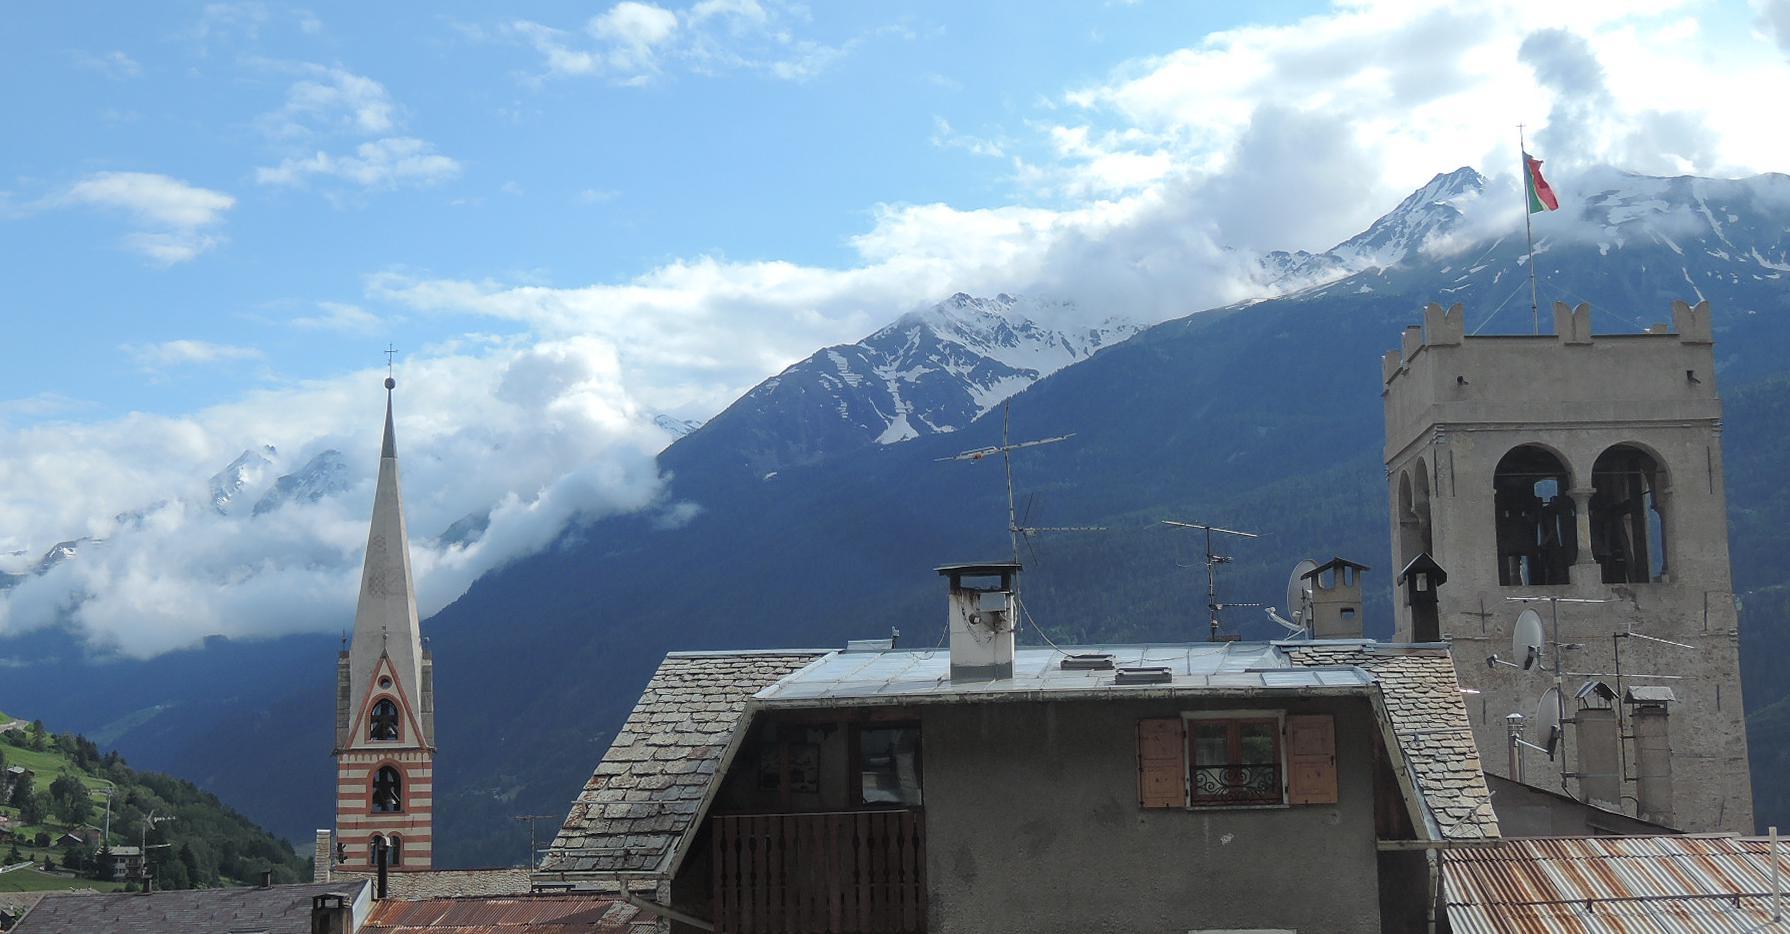 Torre campanario y tejados de Bormio junto a las cimas alpinas.